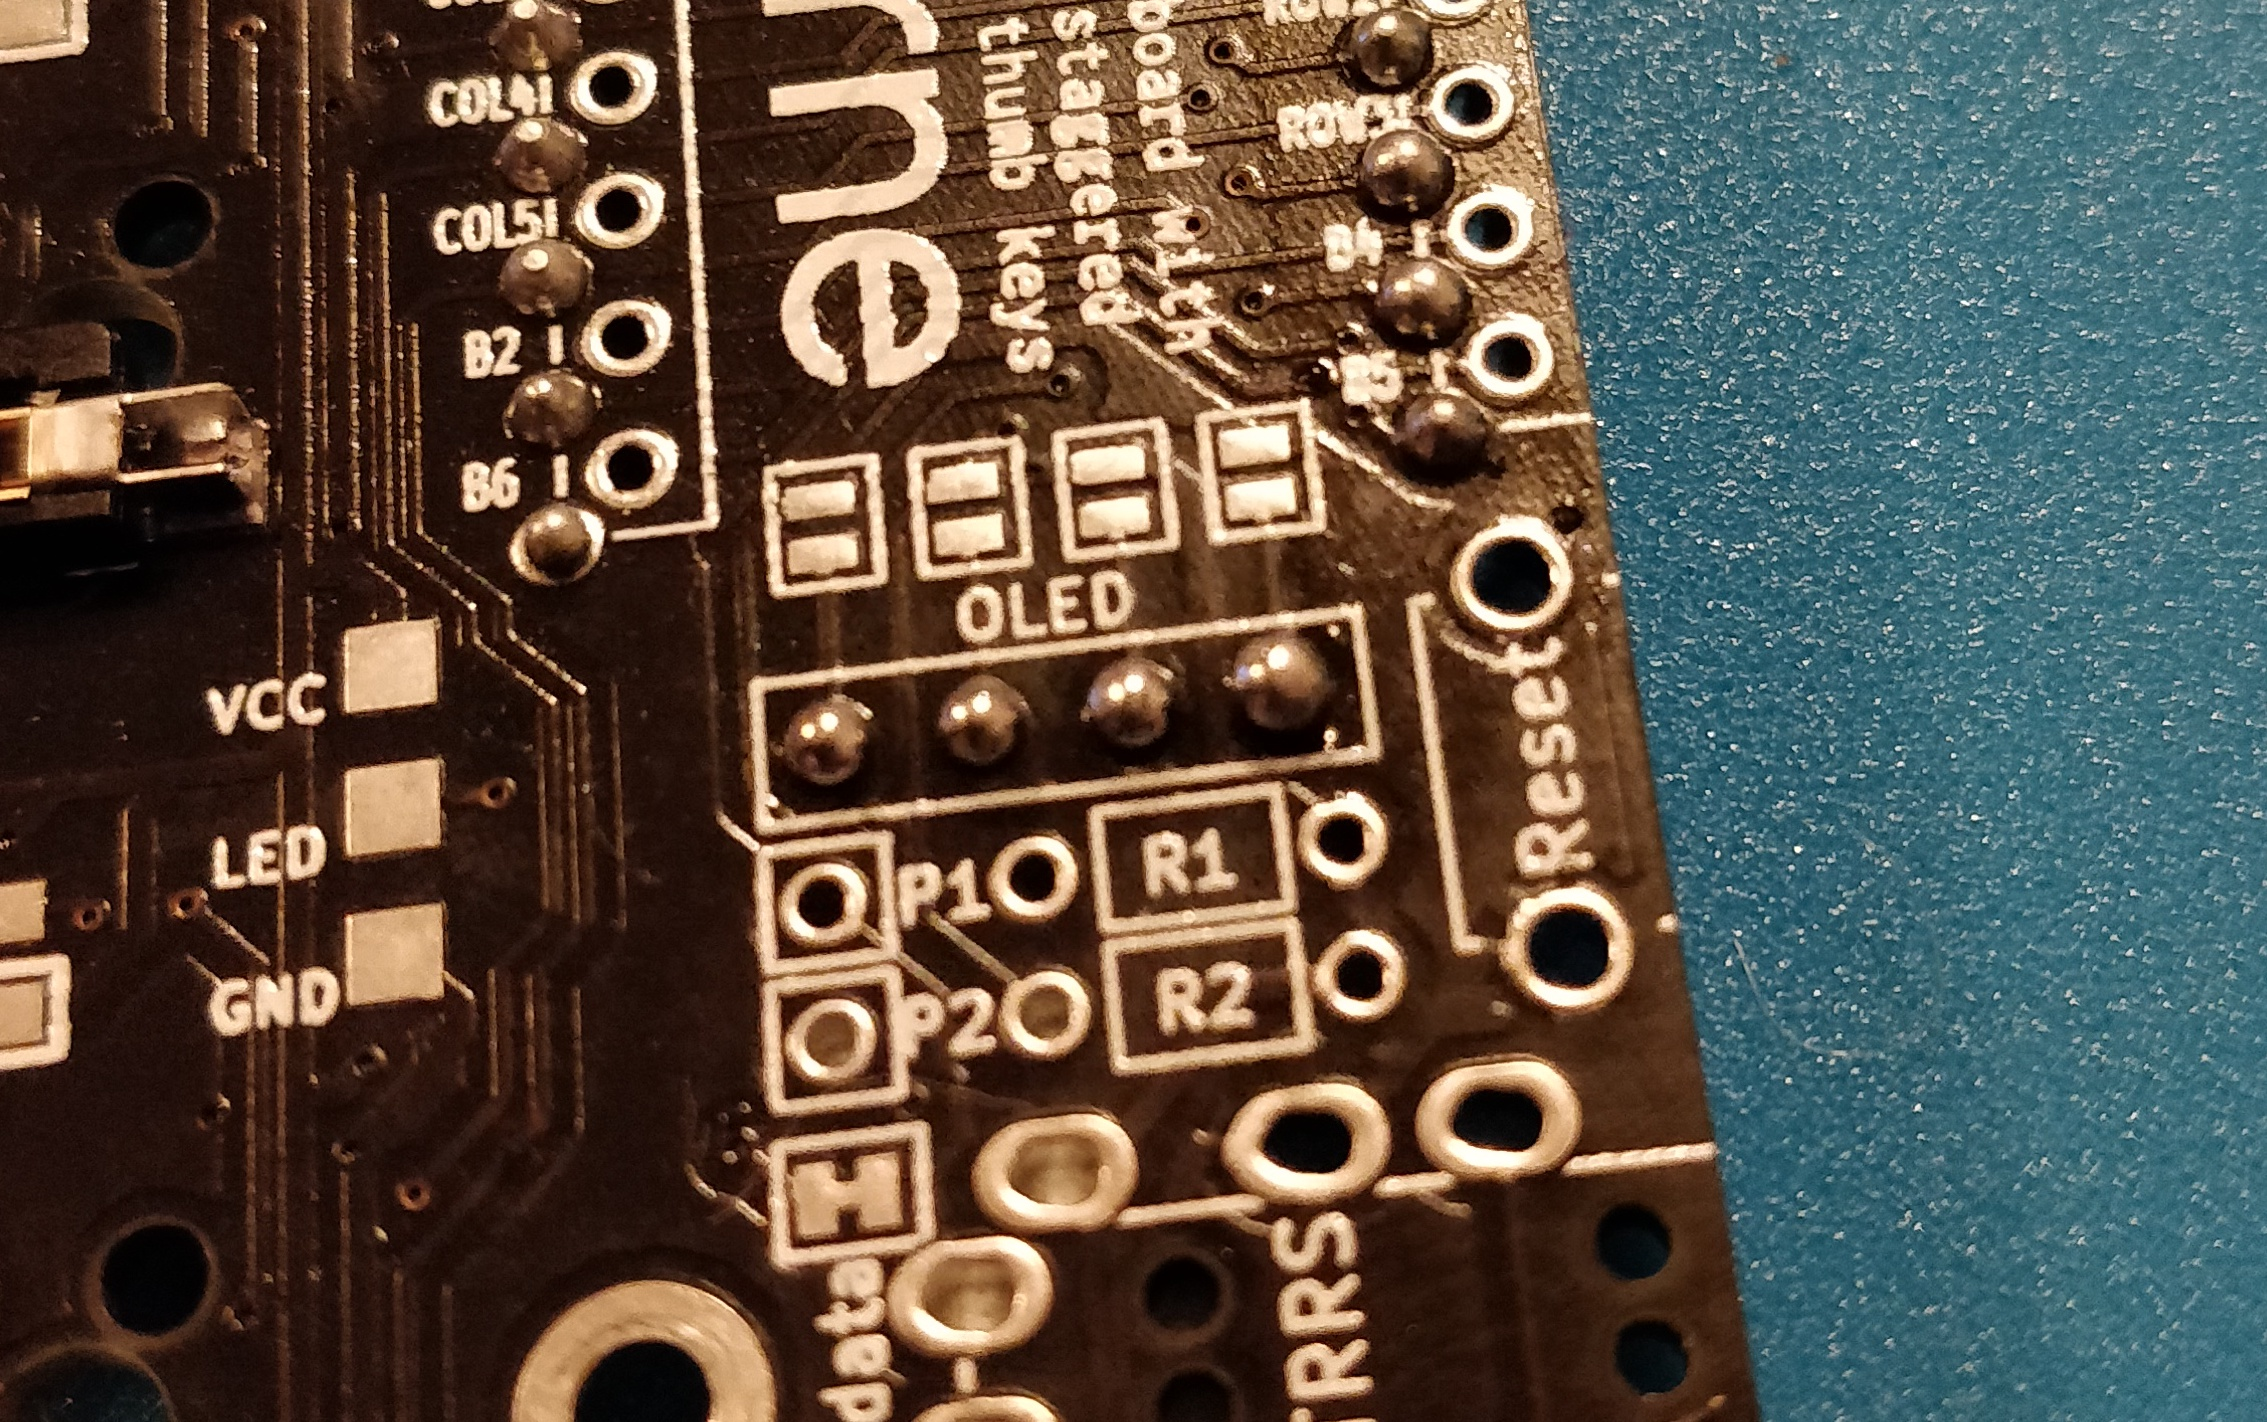 step 12.2 - corne crkbd - solder the OLED header sockets